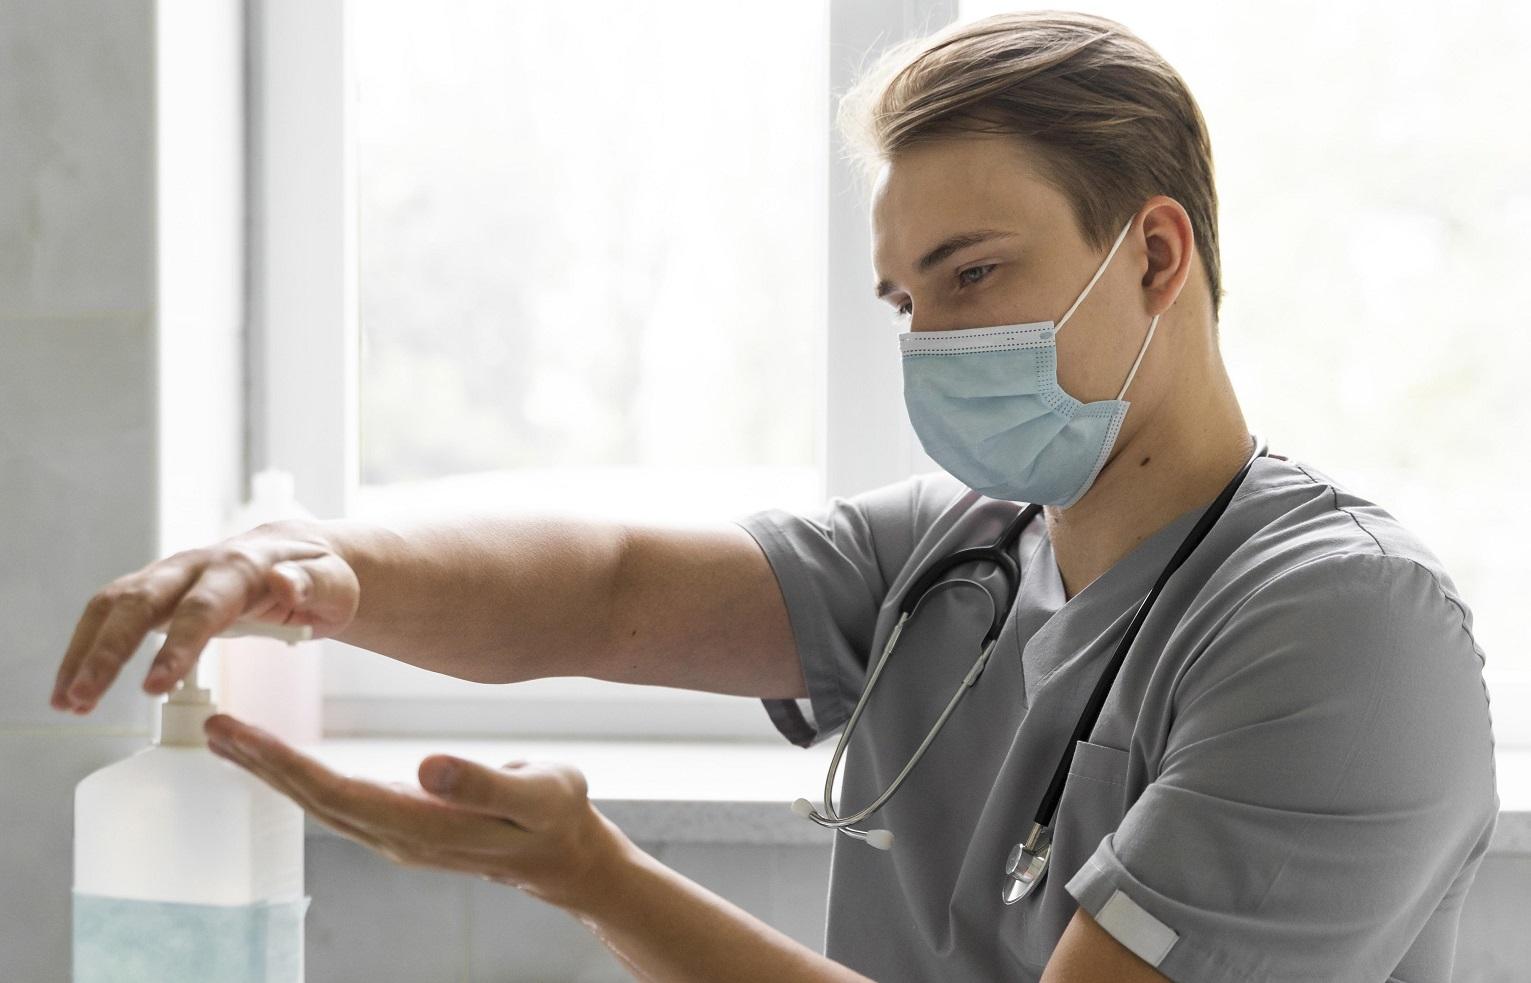 dezinfectanti pentru maini